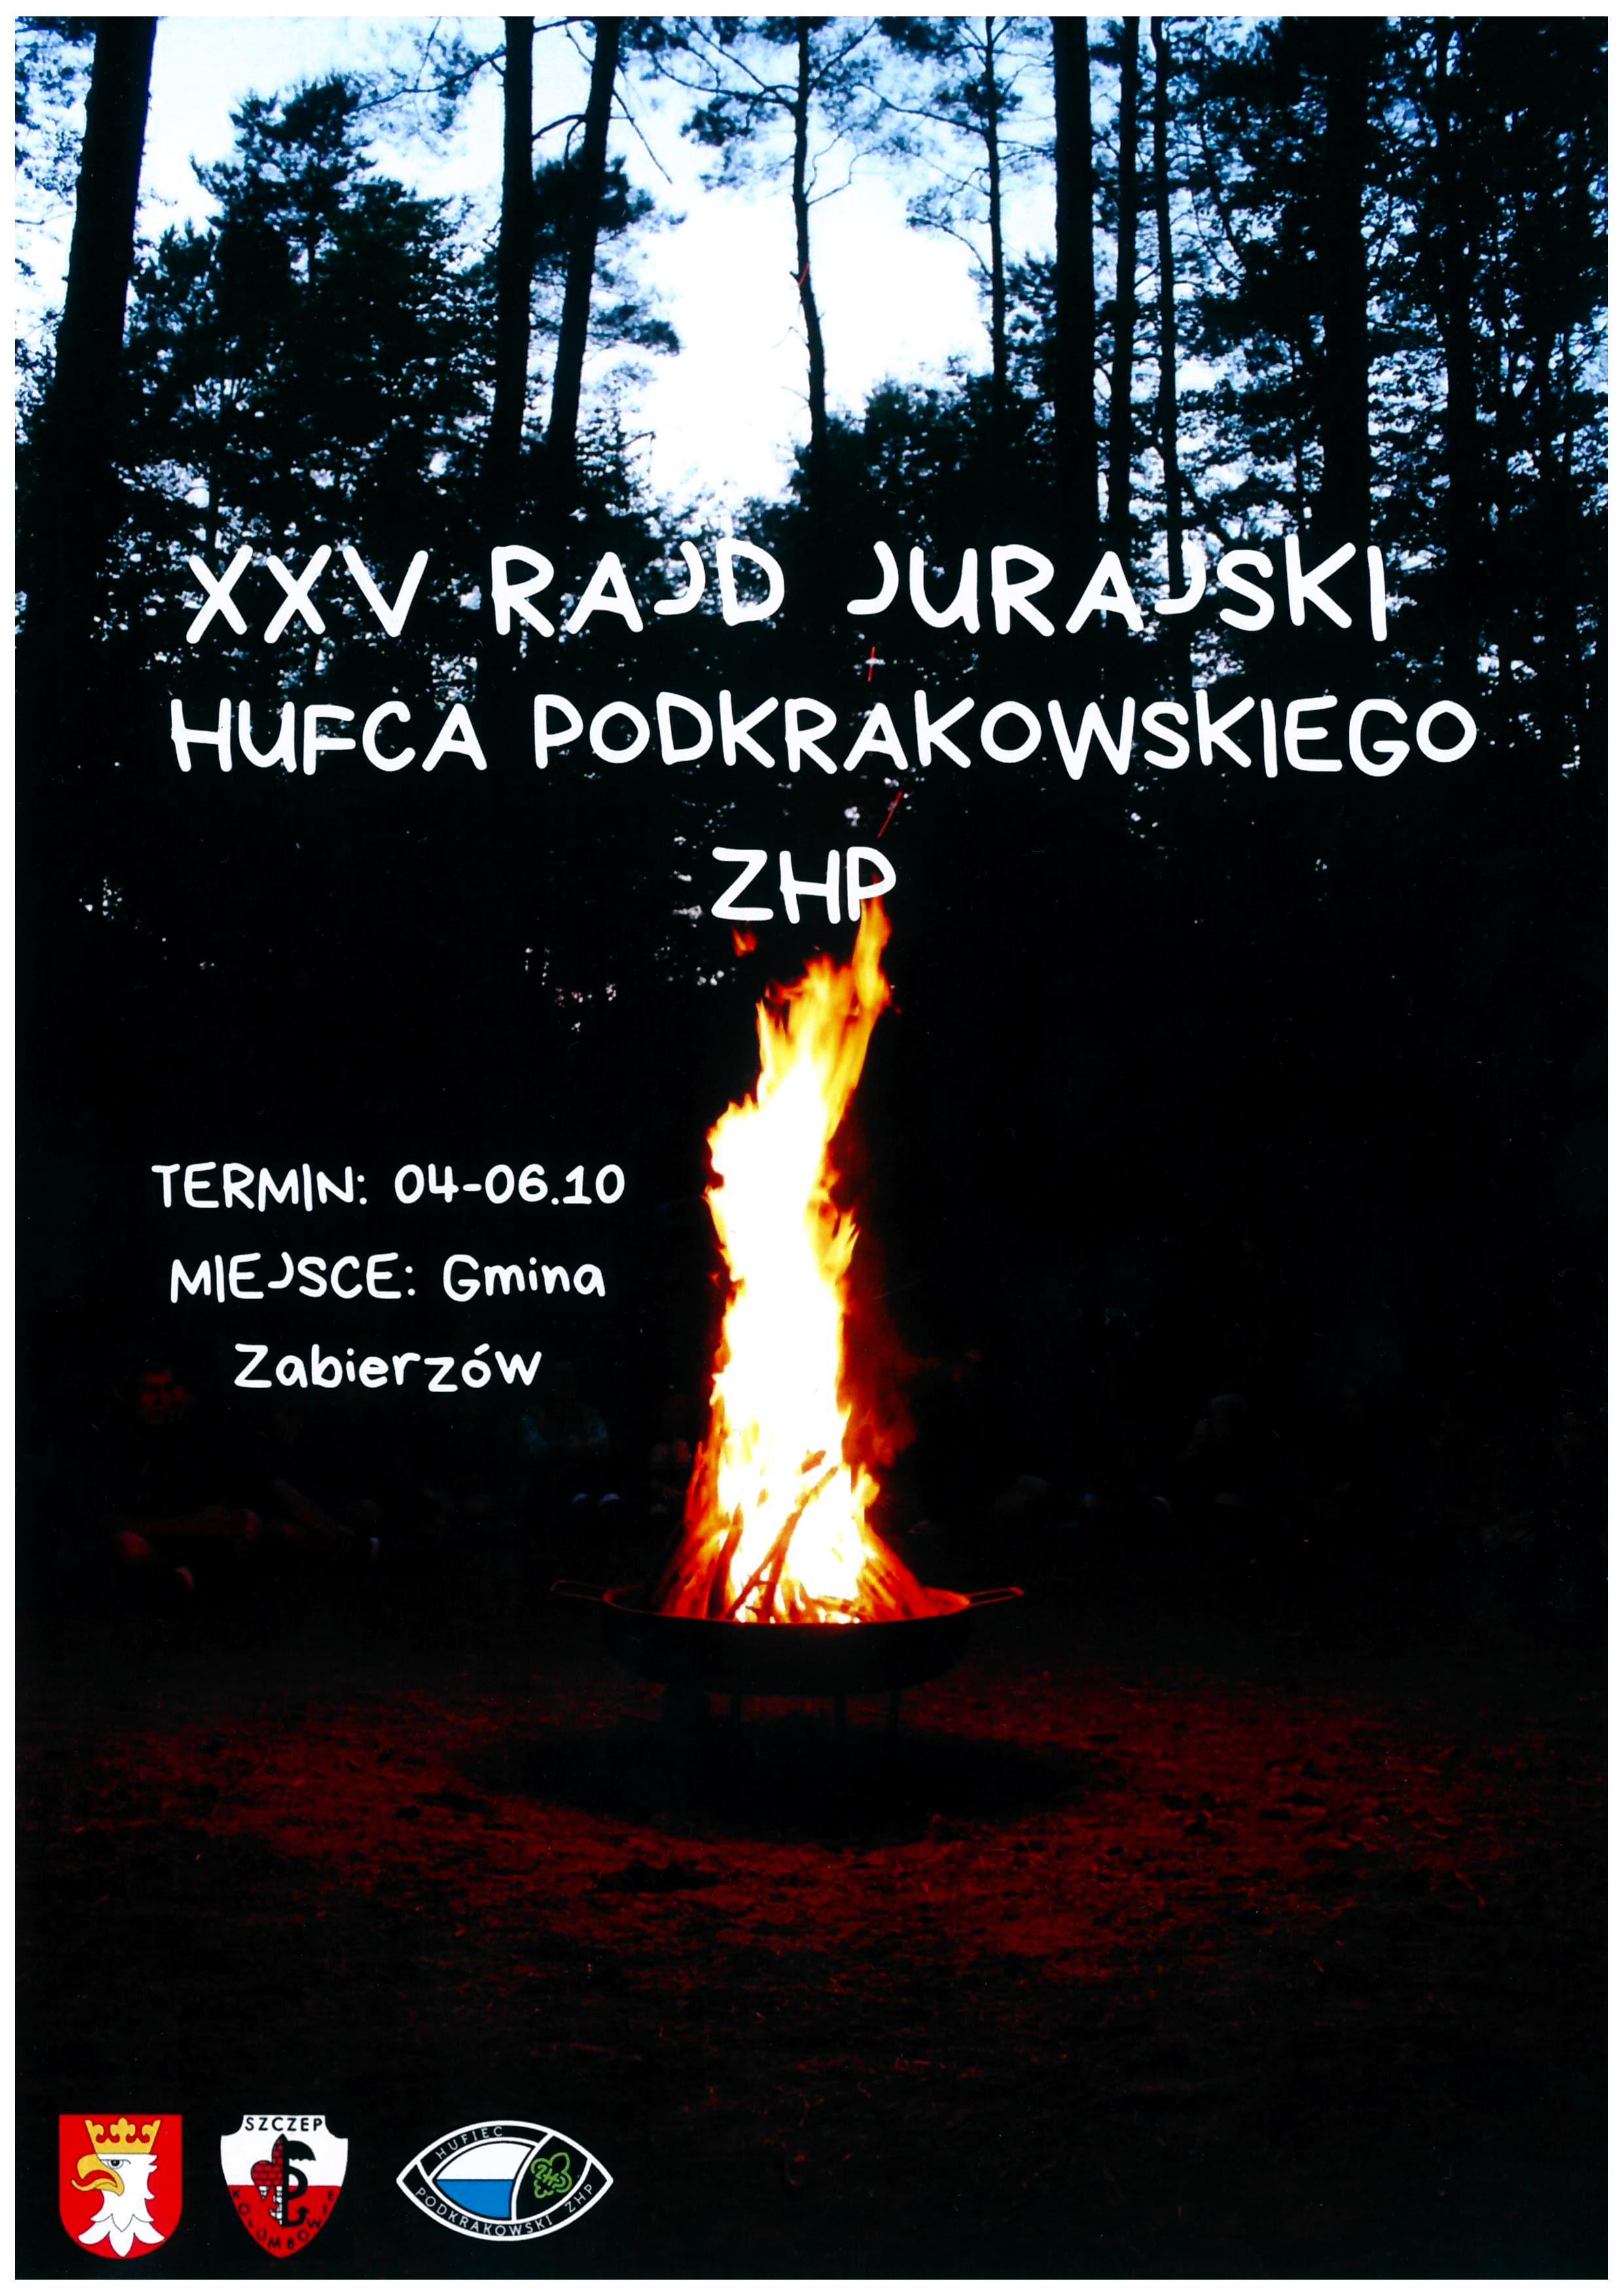 XXV Rajd Jurajski Hufca Podkrakowskiego ZGP @ małopolskie | Polska